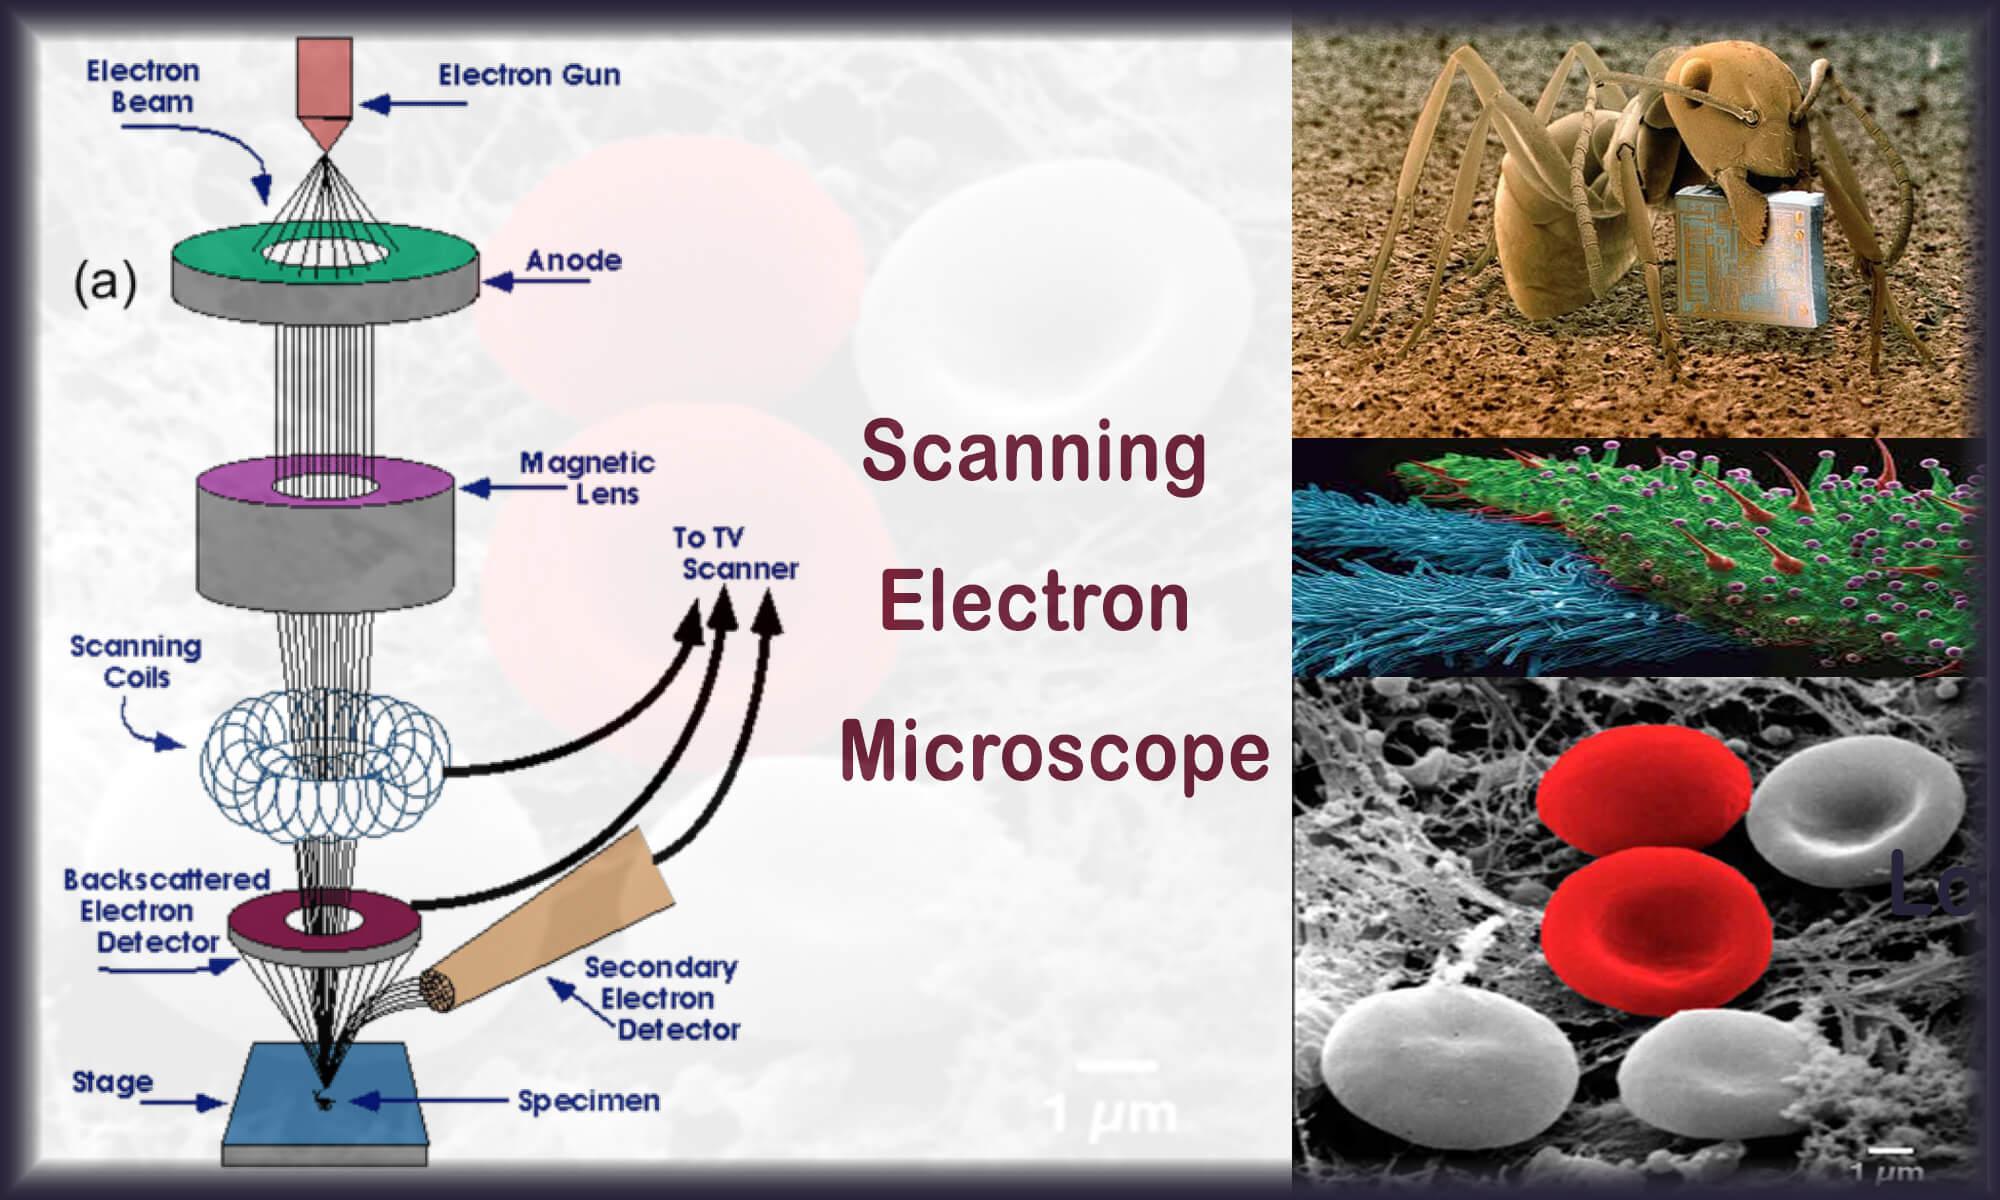 میکروسکوپ الکترونی | میکروسکوپ الکترونی چگونه کار میکند؟| SEM